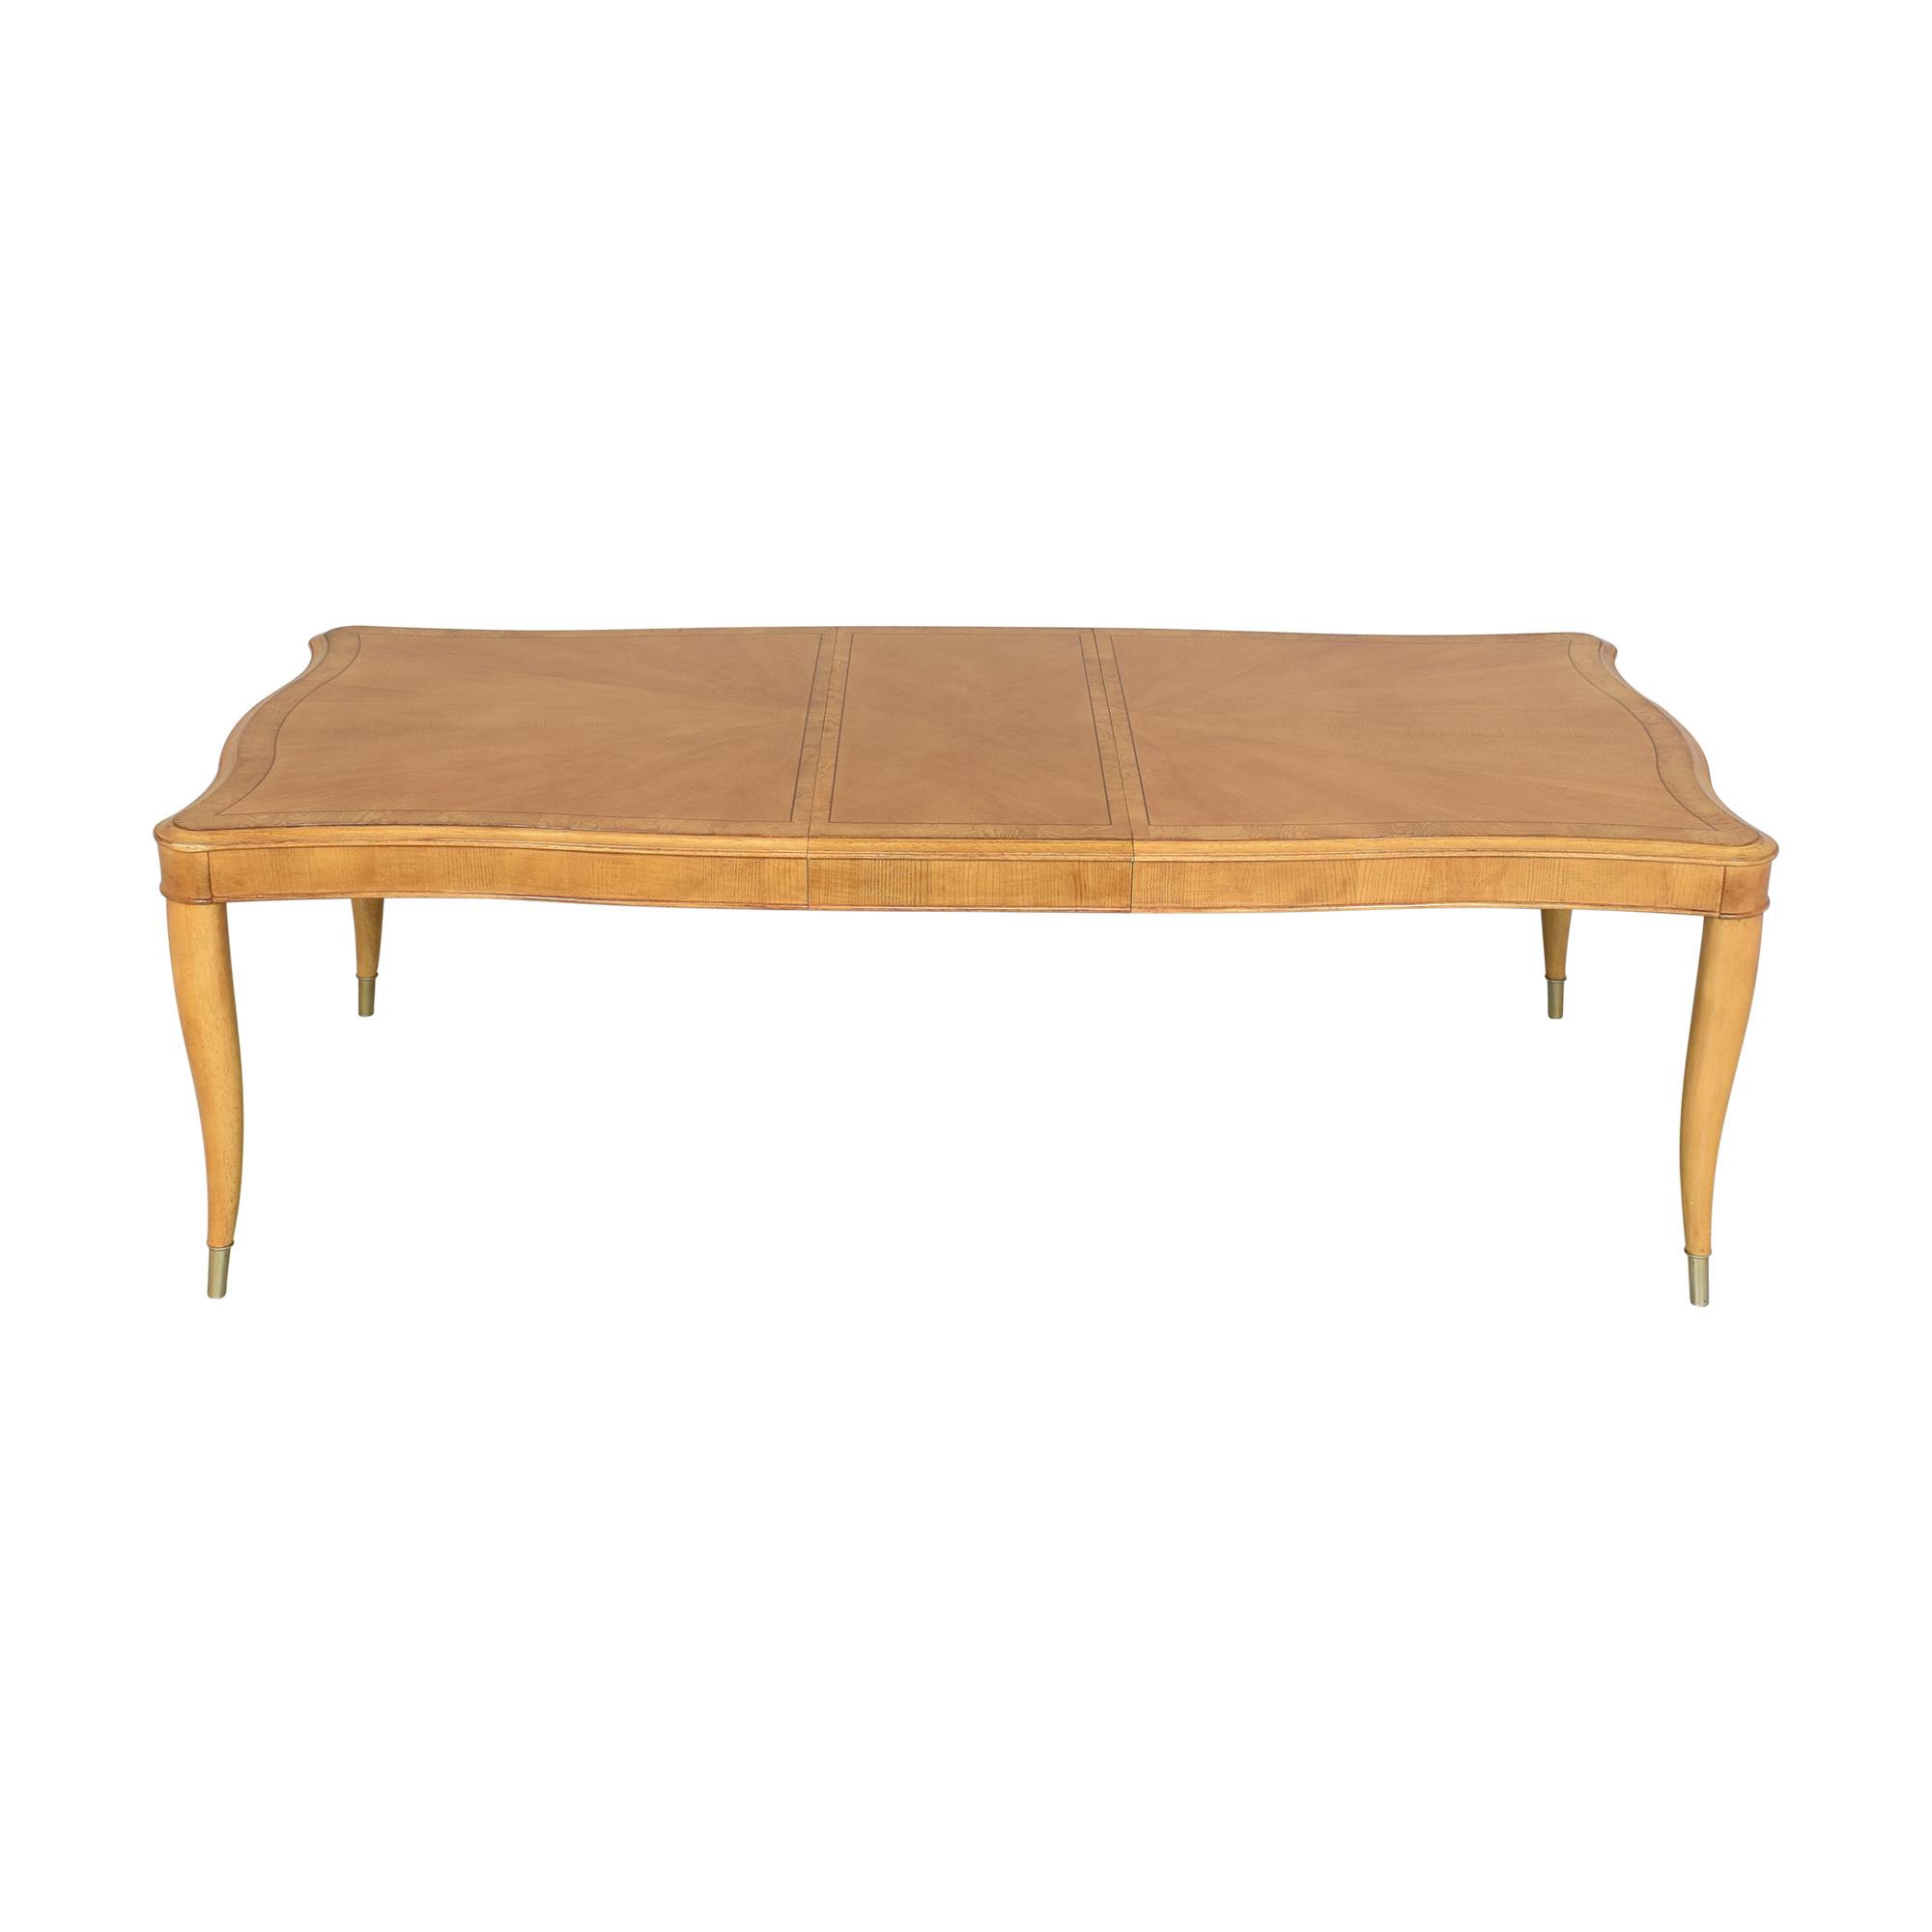 Bernhardt Bernhardt Extendable Dining Table light brown